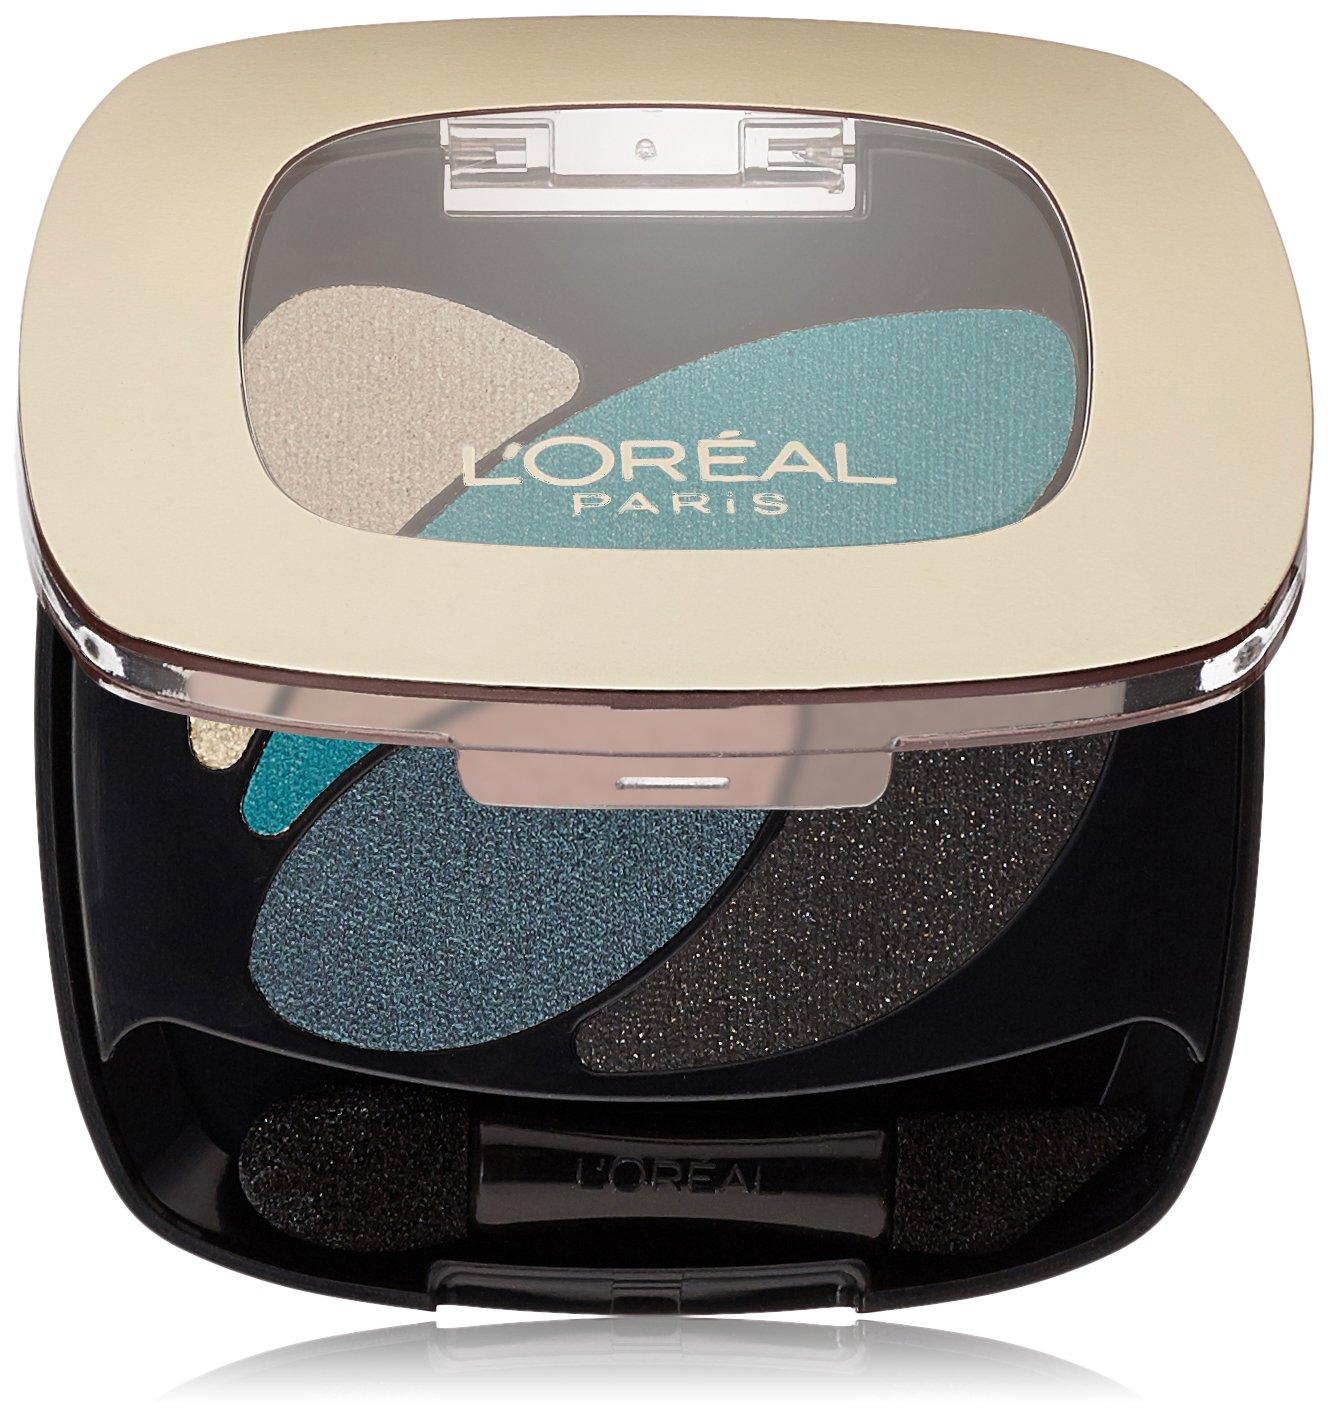 L'Oréal Paris Colour Riche Dual Effects Eye Shadow, Emerald Conquest, 0.12 oz.